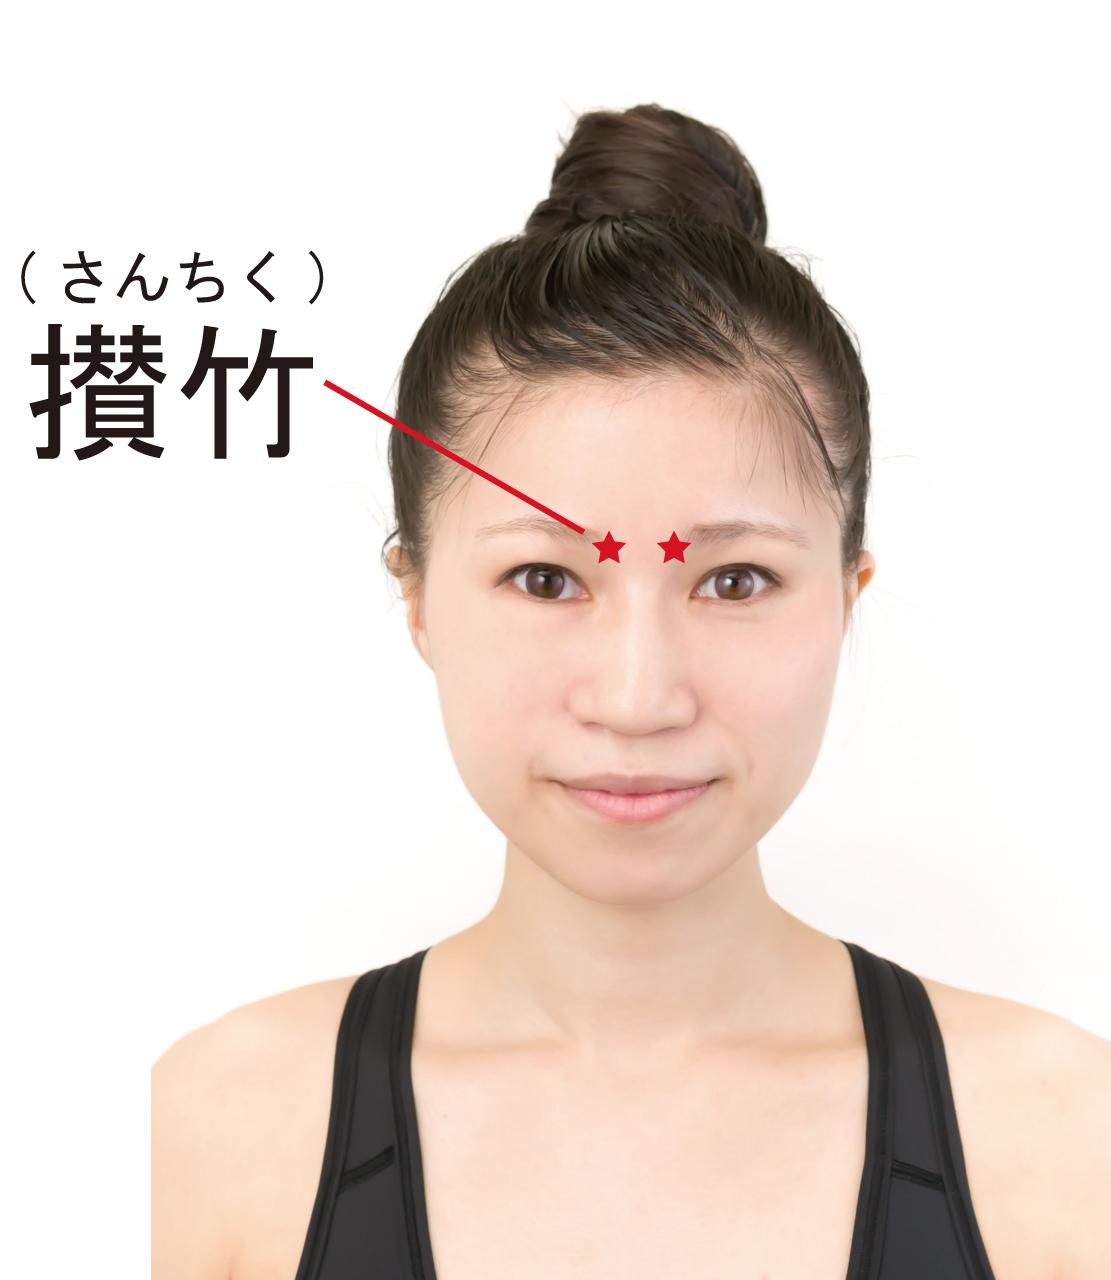 薄毛対策のツボ「攅竹(さんちく)」のツボの位置を記した女性の画像